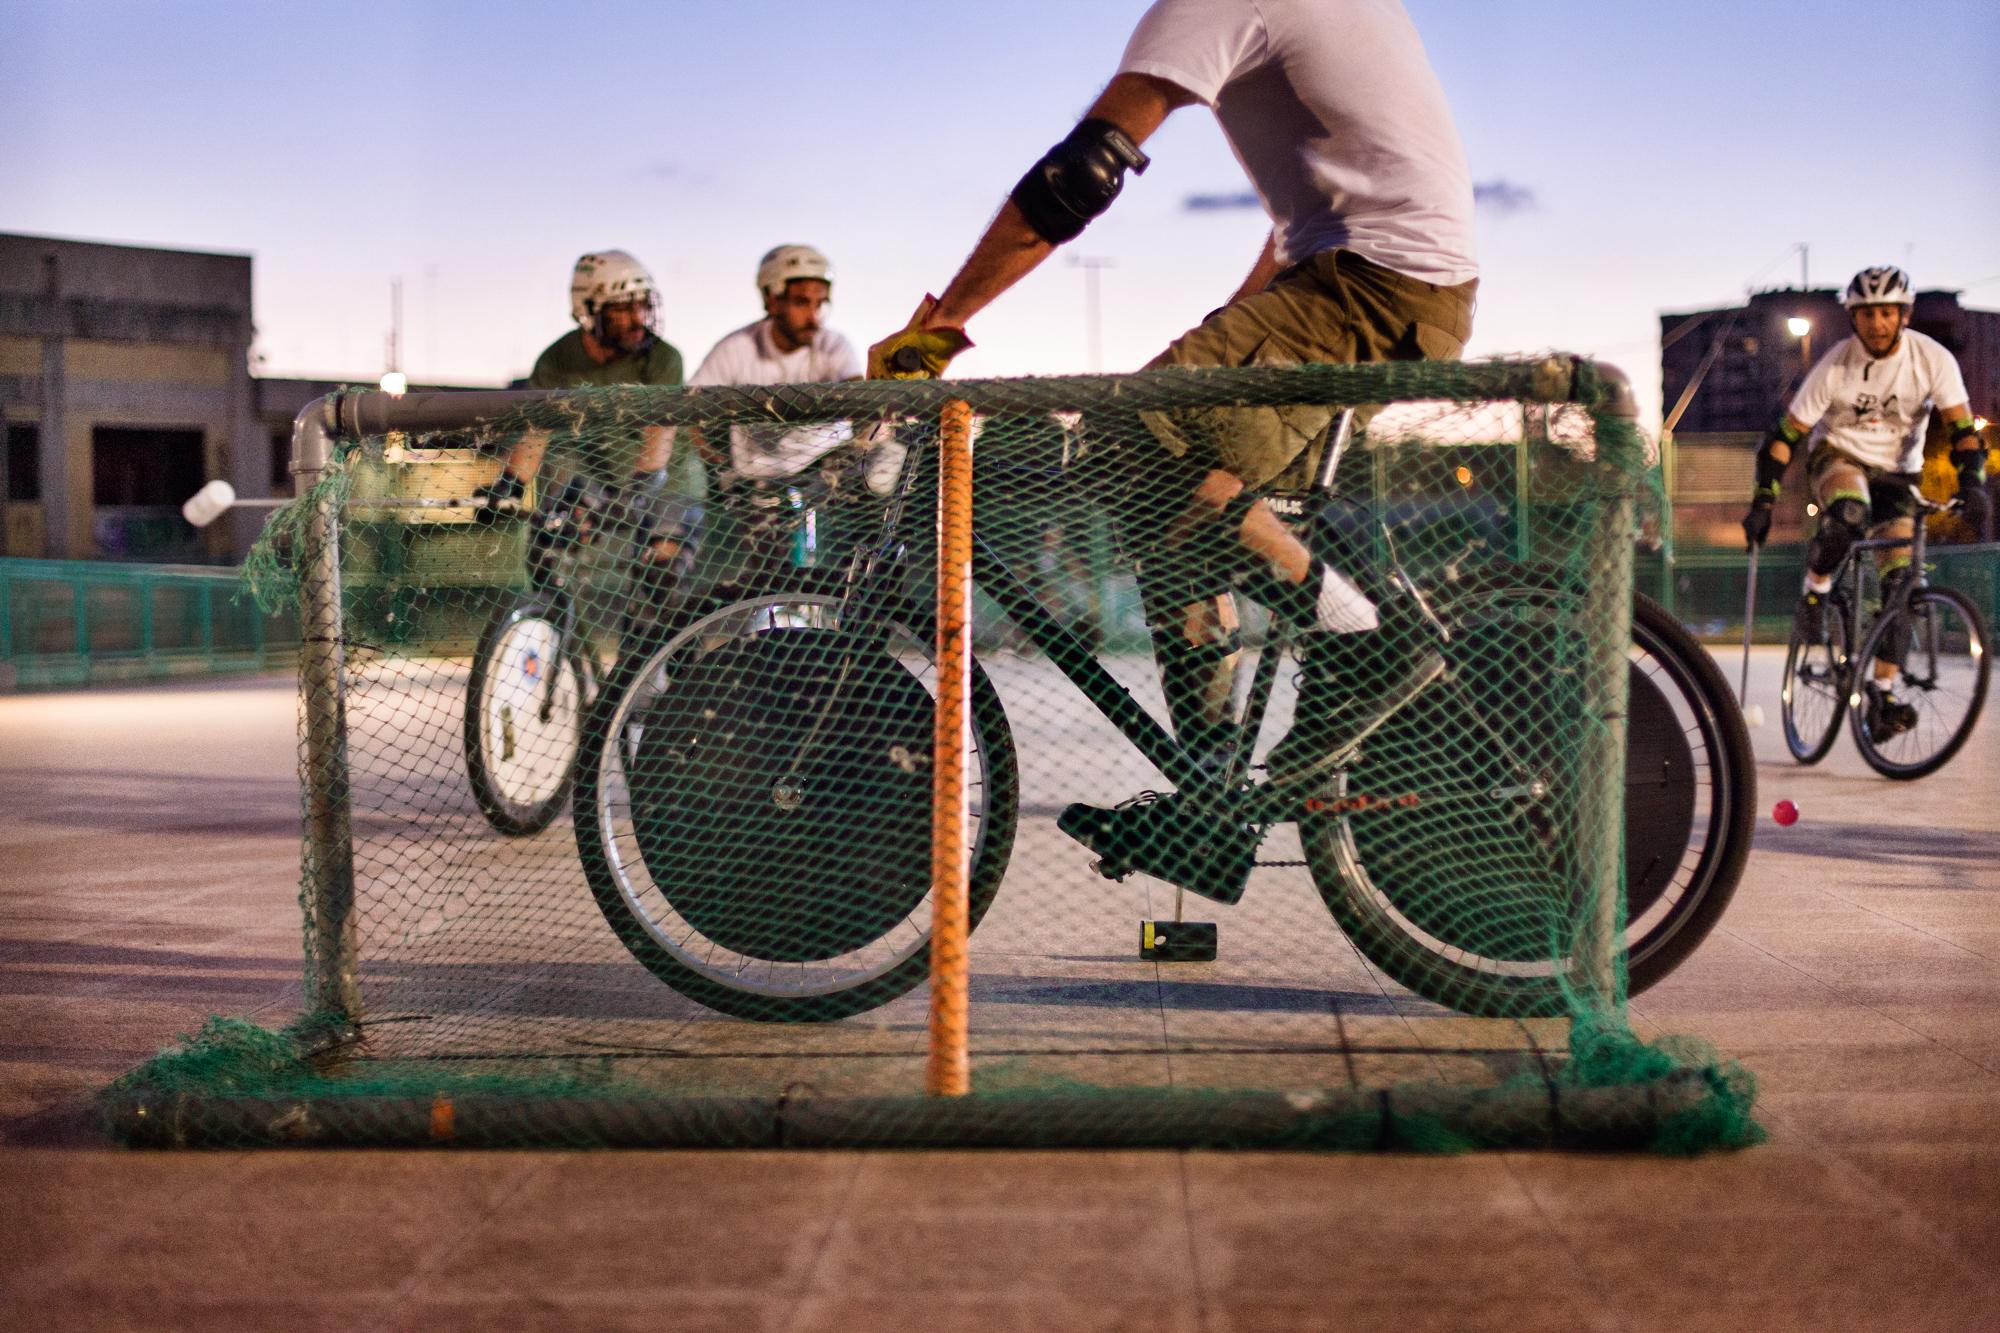 Taranto, Italia, 22 Settembre 2013. Gli Howlers festeggiano l'ultimo giorno della Settimana Europea della Mobilità Sostenibile con una festa alla Pista Ricciardo. Il complesso, un tempo abbandonato e degradato, è stato riqualificato dai ragazzi dell'associazione e adibito a campo da bike polo con un tacito consenso del Comune.